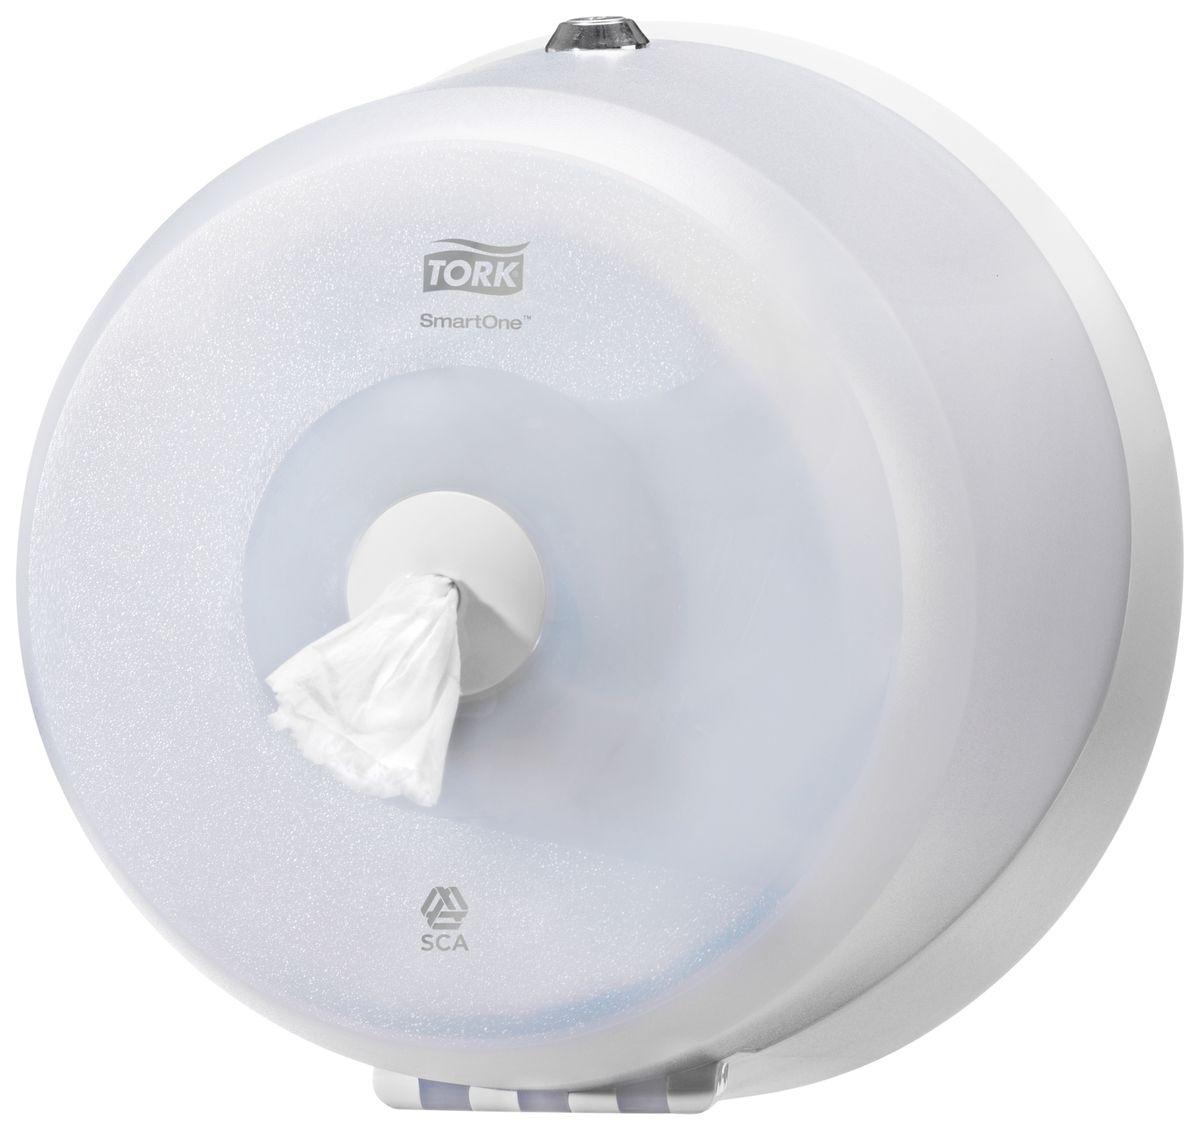 Диспенсер для туалетной бумаги Tork, цвет: белый. 472026472026Система Т9 - бумага в мини рулонах с центральной вытяжкой Яркий синий цвет, высокая прочность и долговечность - главные качество Tork диспенсеров серии Wave. Диспенсер большой емкости - минимум обслуживания. Полистовая подача: сокращение расхода бумаги до 40%. Гигиеничность использования - бесконтактный отбор бумаги. Прочная конструкция из поликарбоната: антивандальные свойства. Полупрозрачная крышка: удобный контроль необходимости перезаполнения.